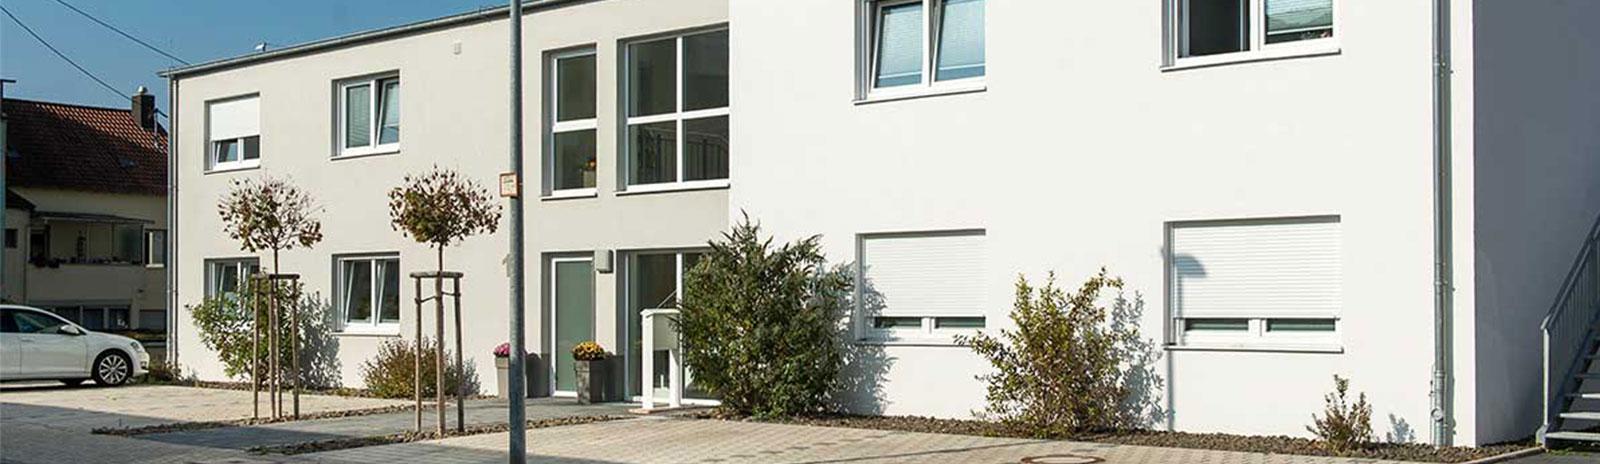 neunkirchen_wohnrguppen_sämannstrasse-(29)